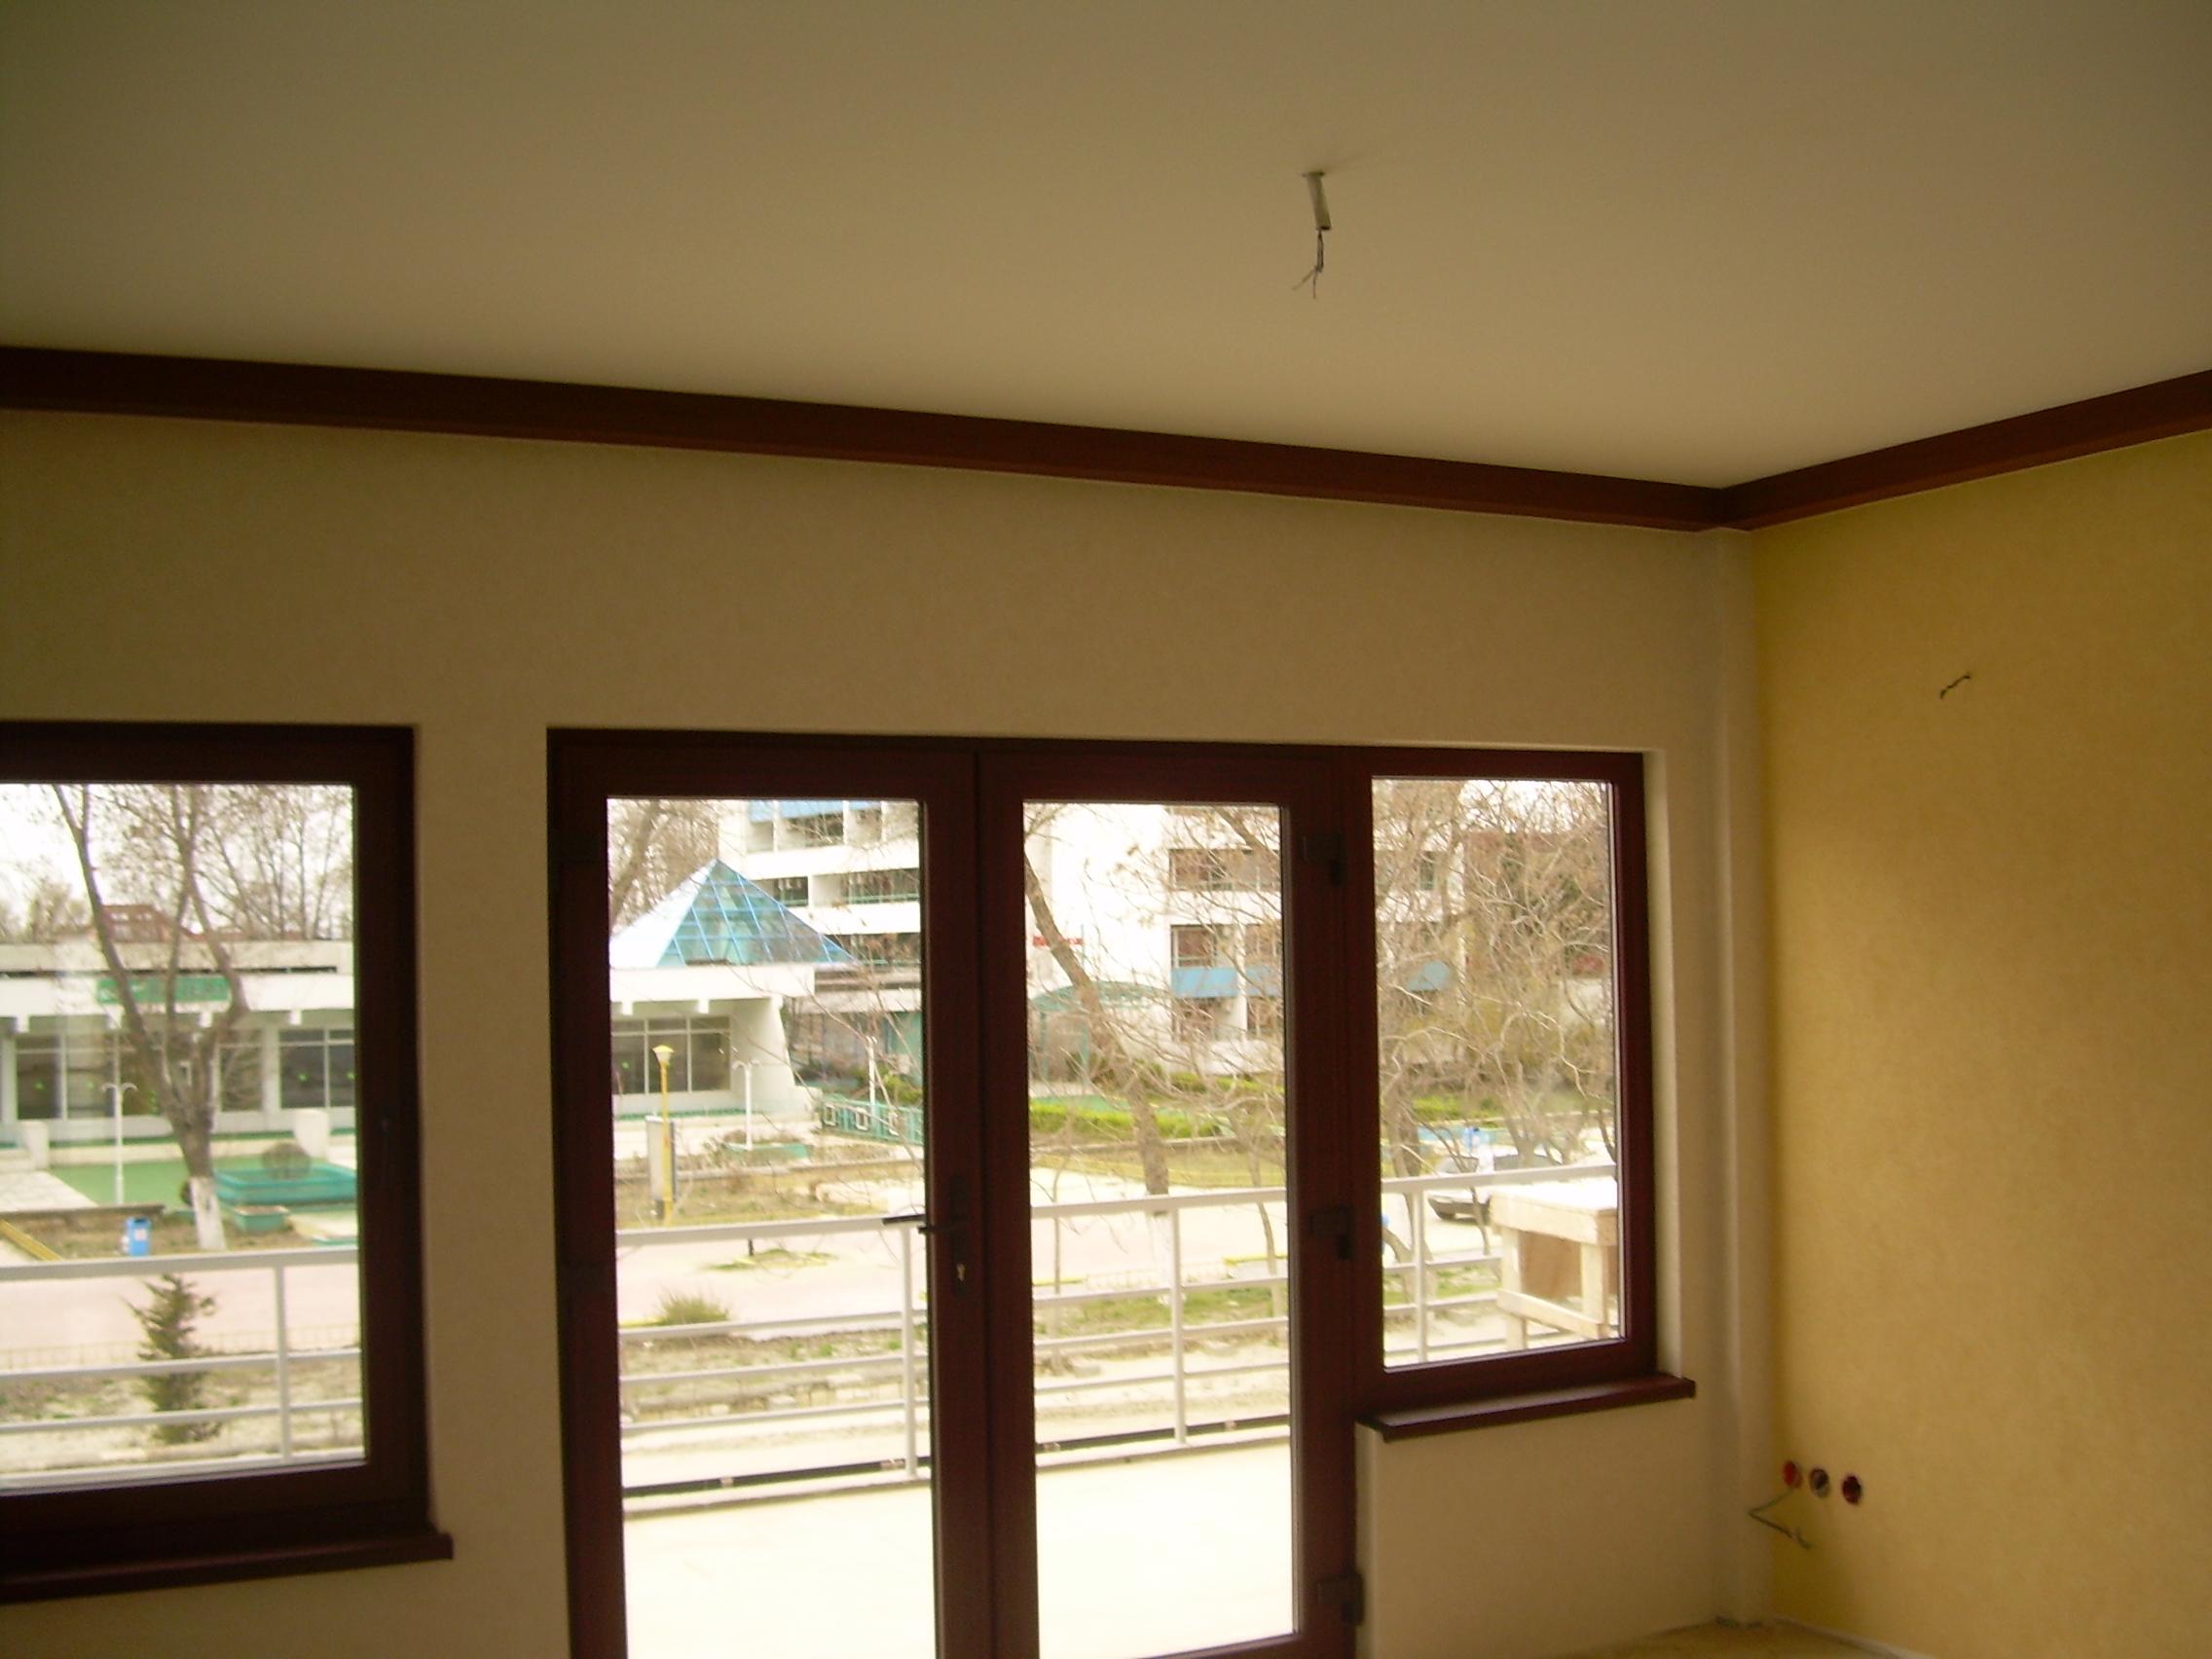 Lucrari de amenajare interioare cu tapet  - Poza 98